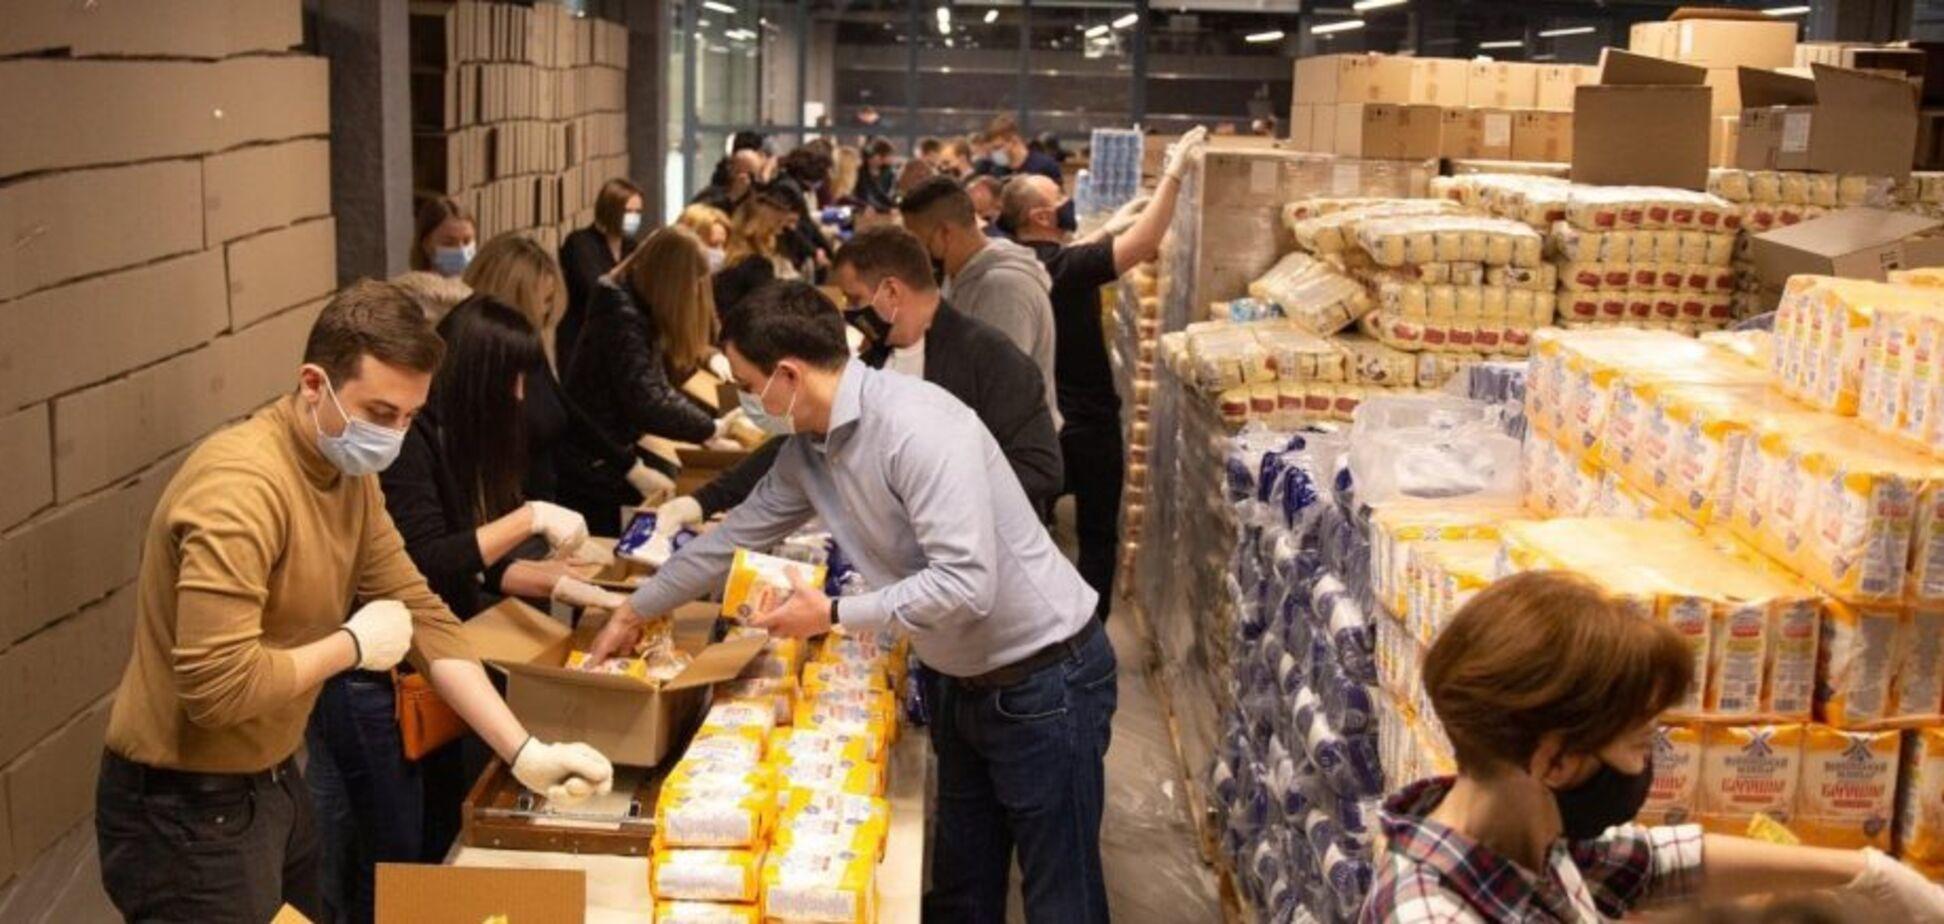 Фонд Порошенко и волонтеры собрали 5 тысяч продуктовых наборов к Пасхе для нуждающихся